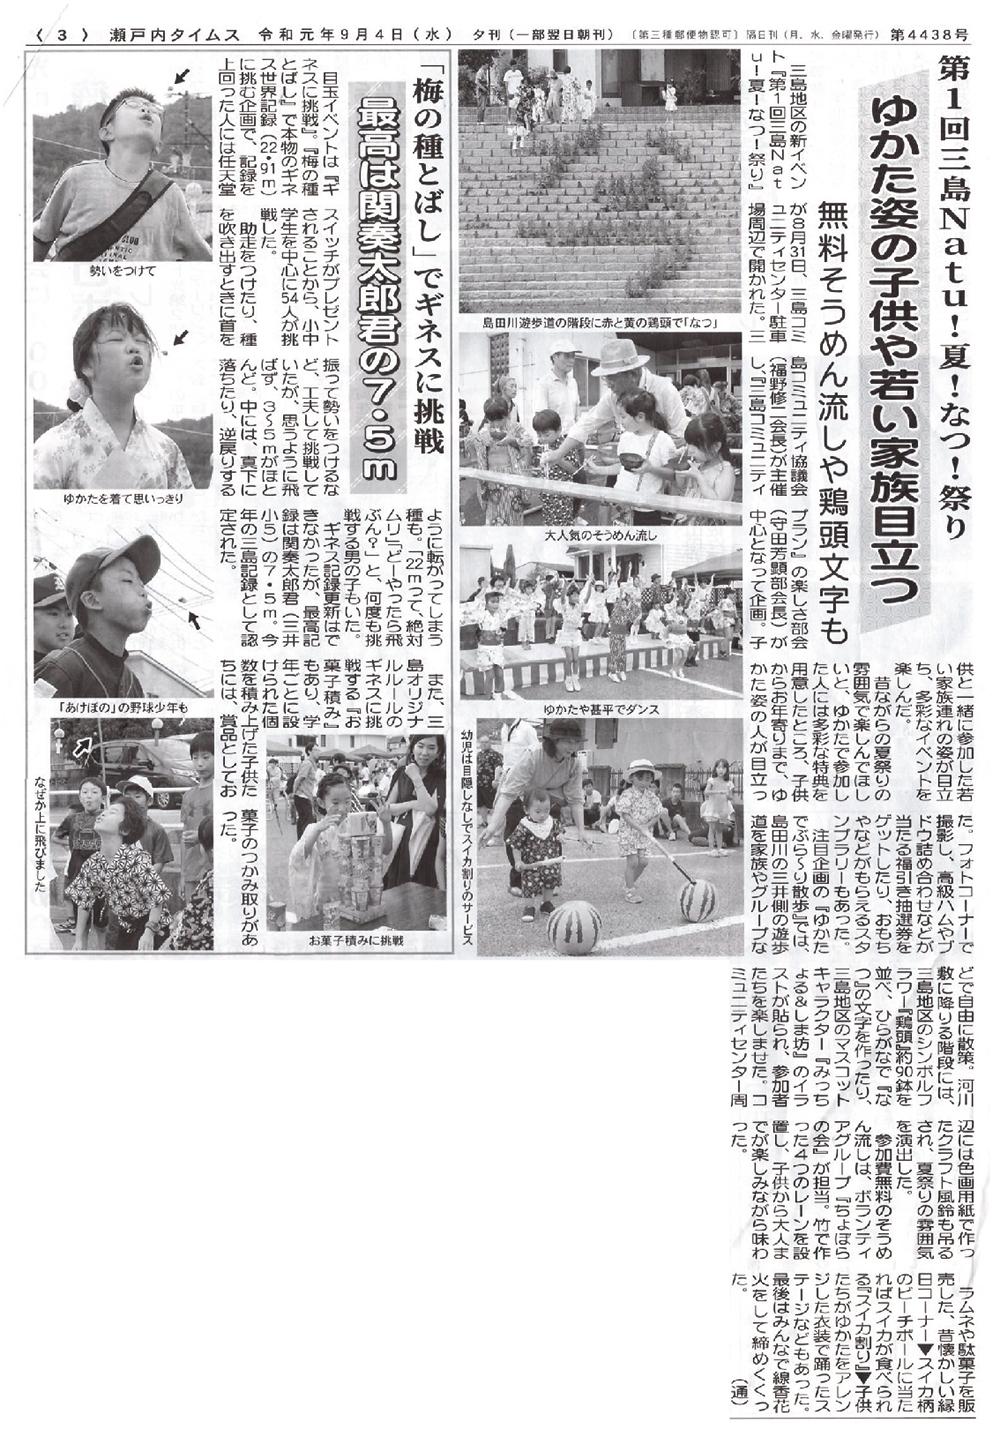 2019.9/4 瀬戸内タイムス